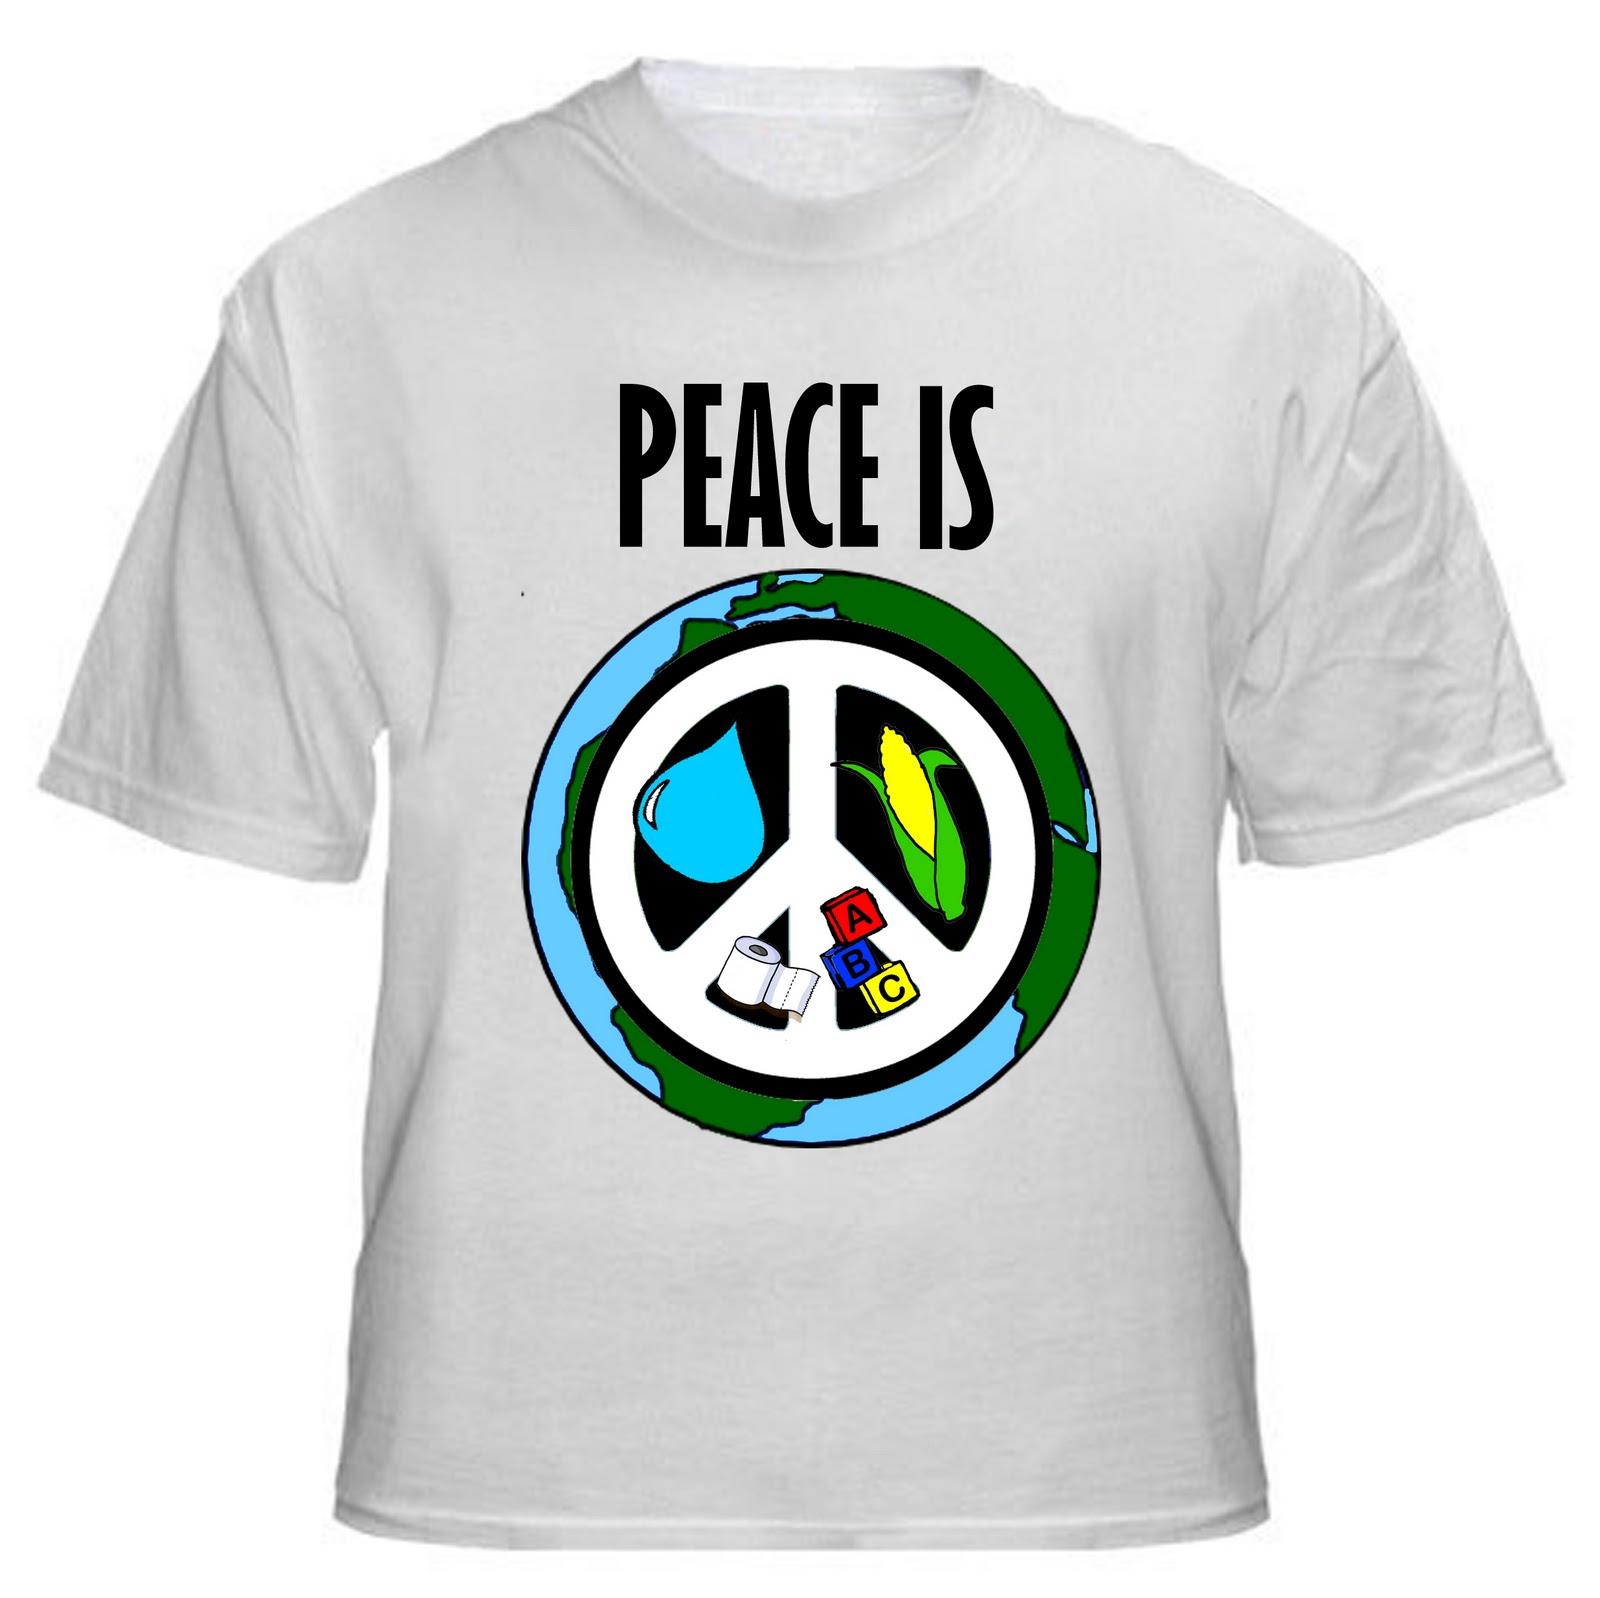 Shirt design t shirt design